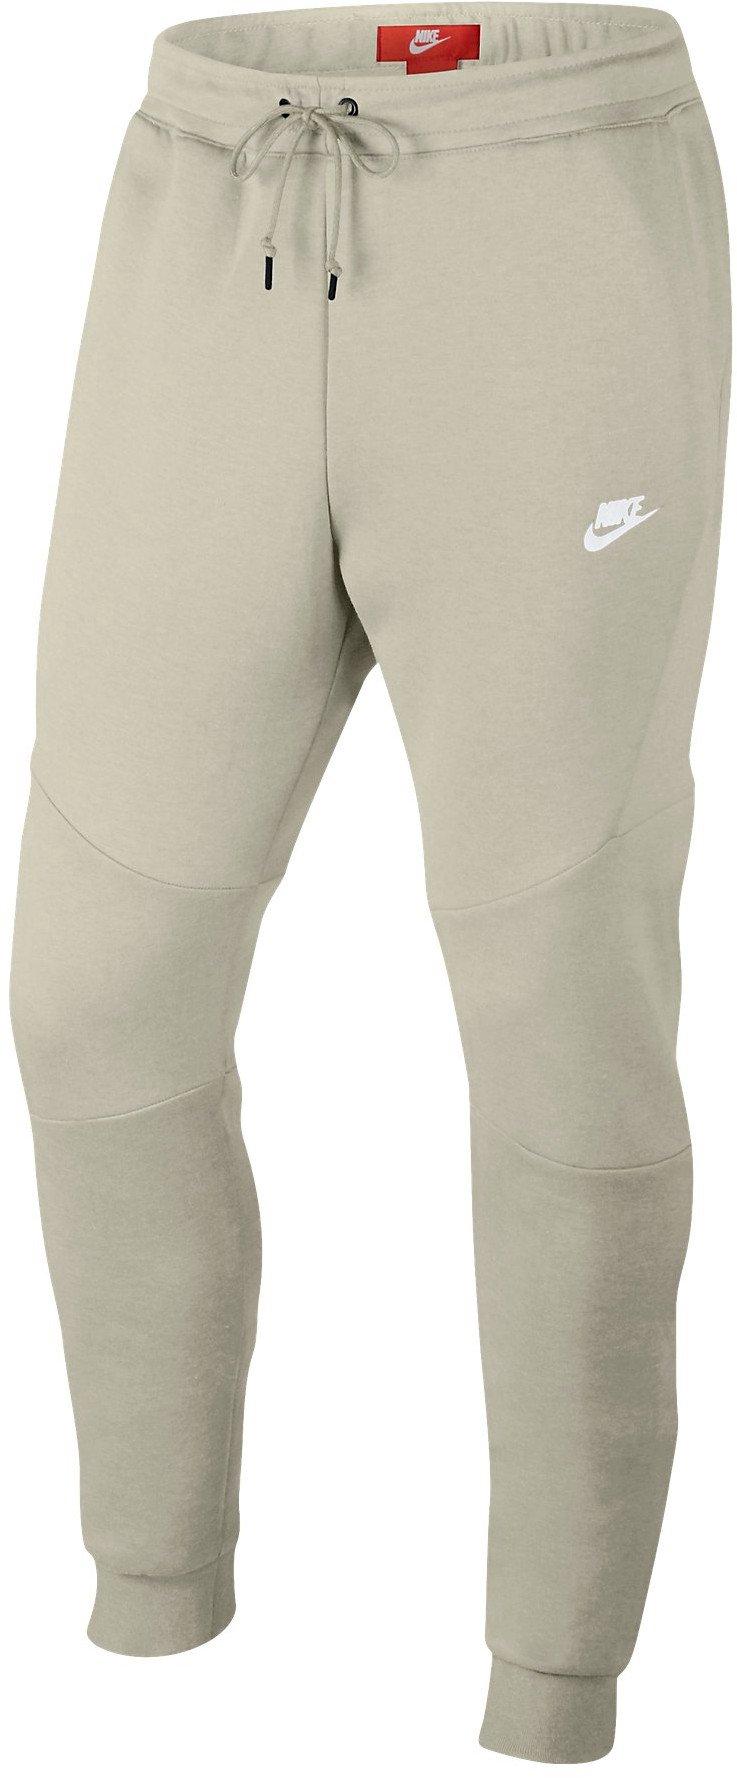 Kalhoty Nike M NSW TCH FLC JGGR 805162-075 - Glami.cz 6a6b7dc486